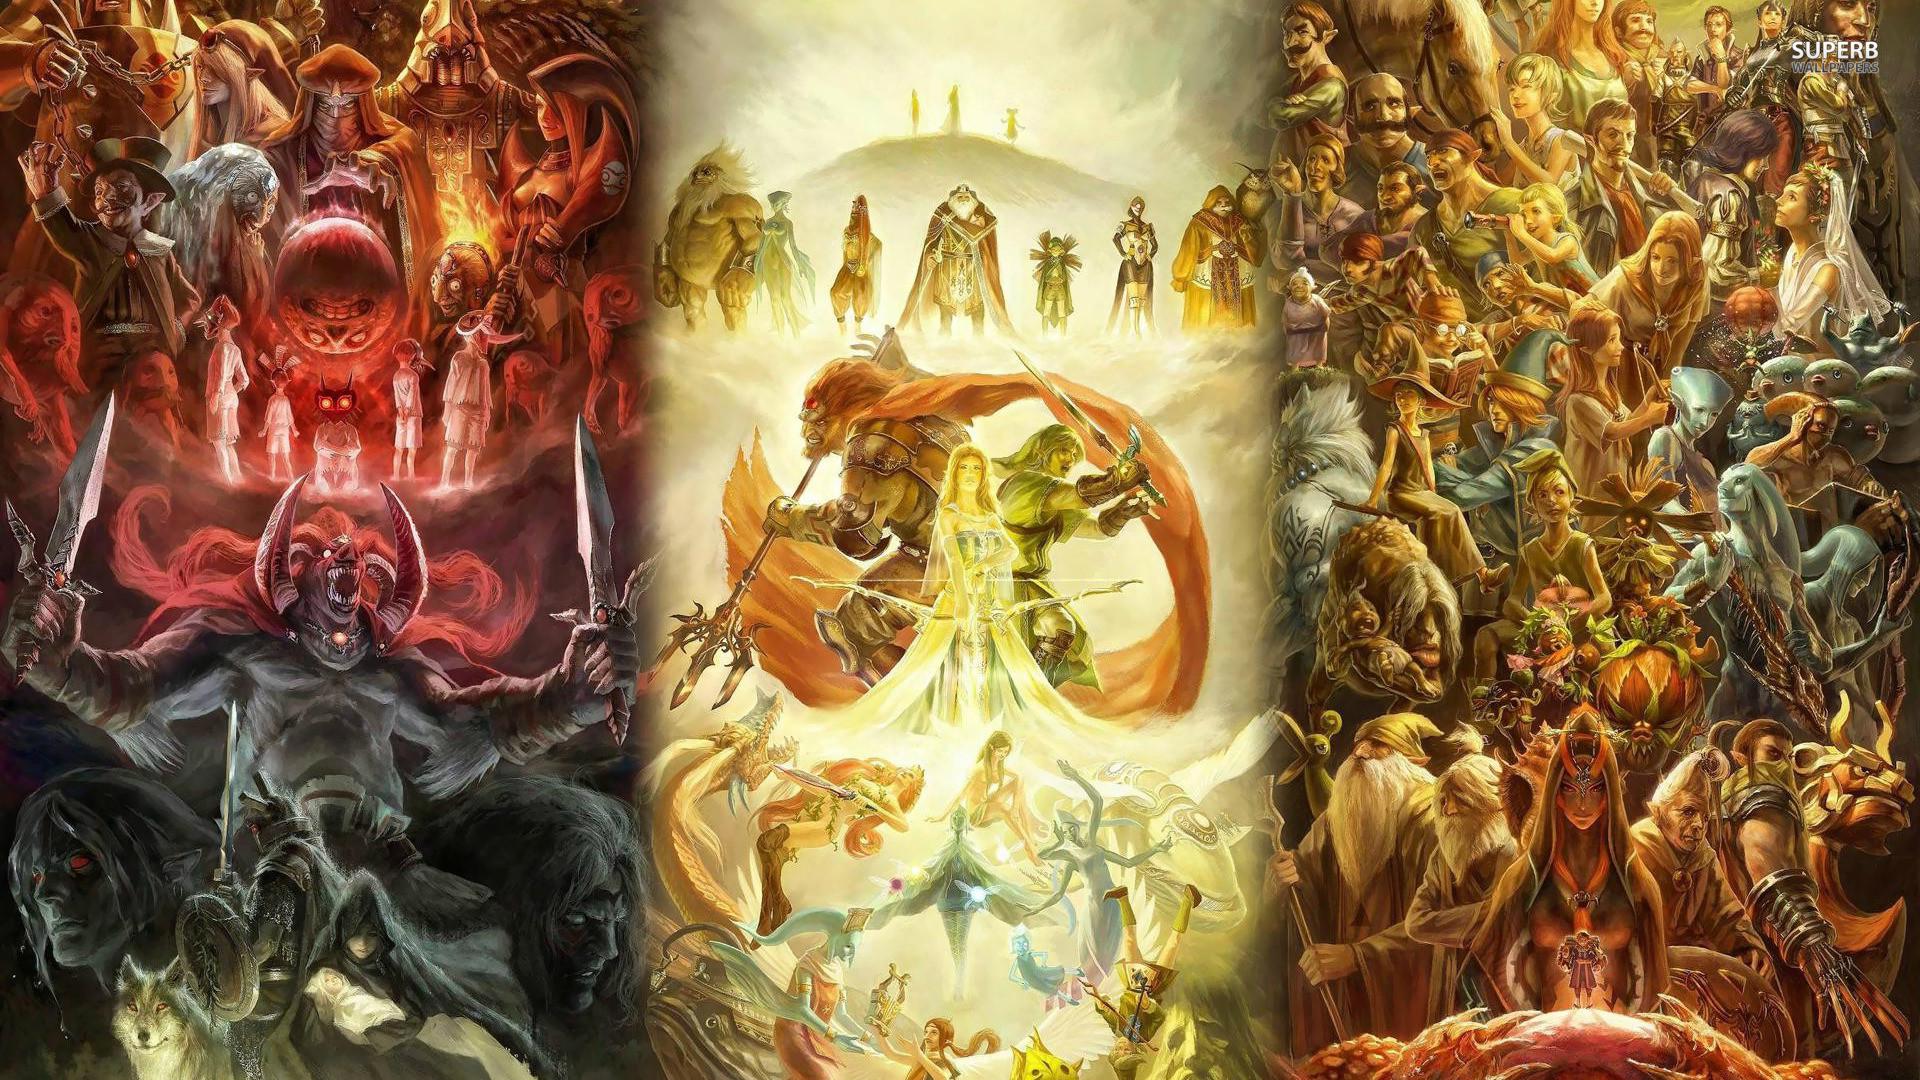 The Legend of Zelda HD Wallpaper.